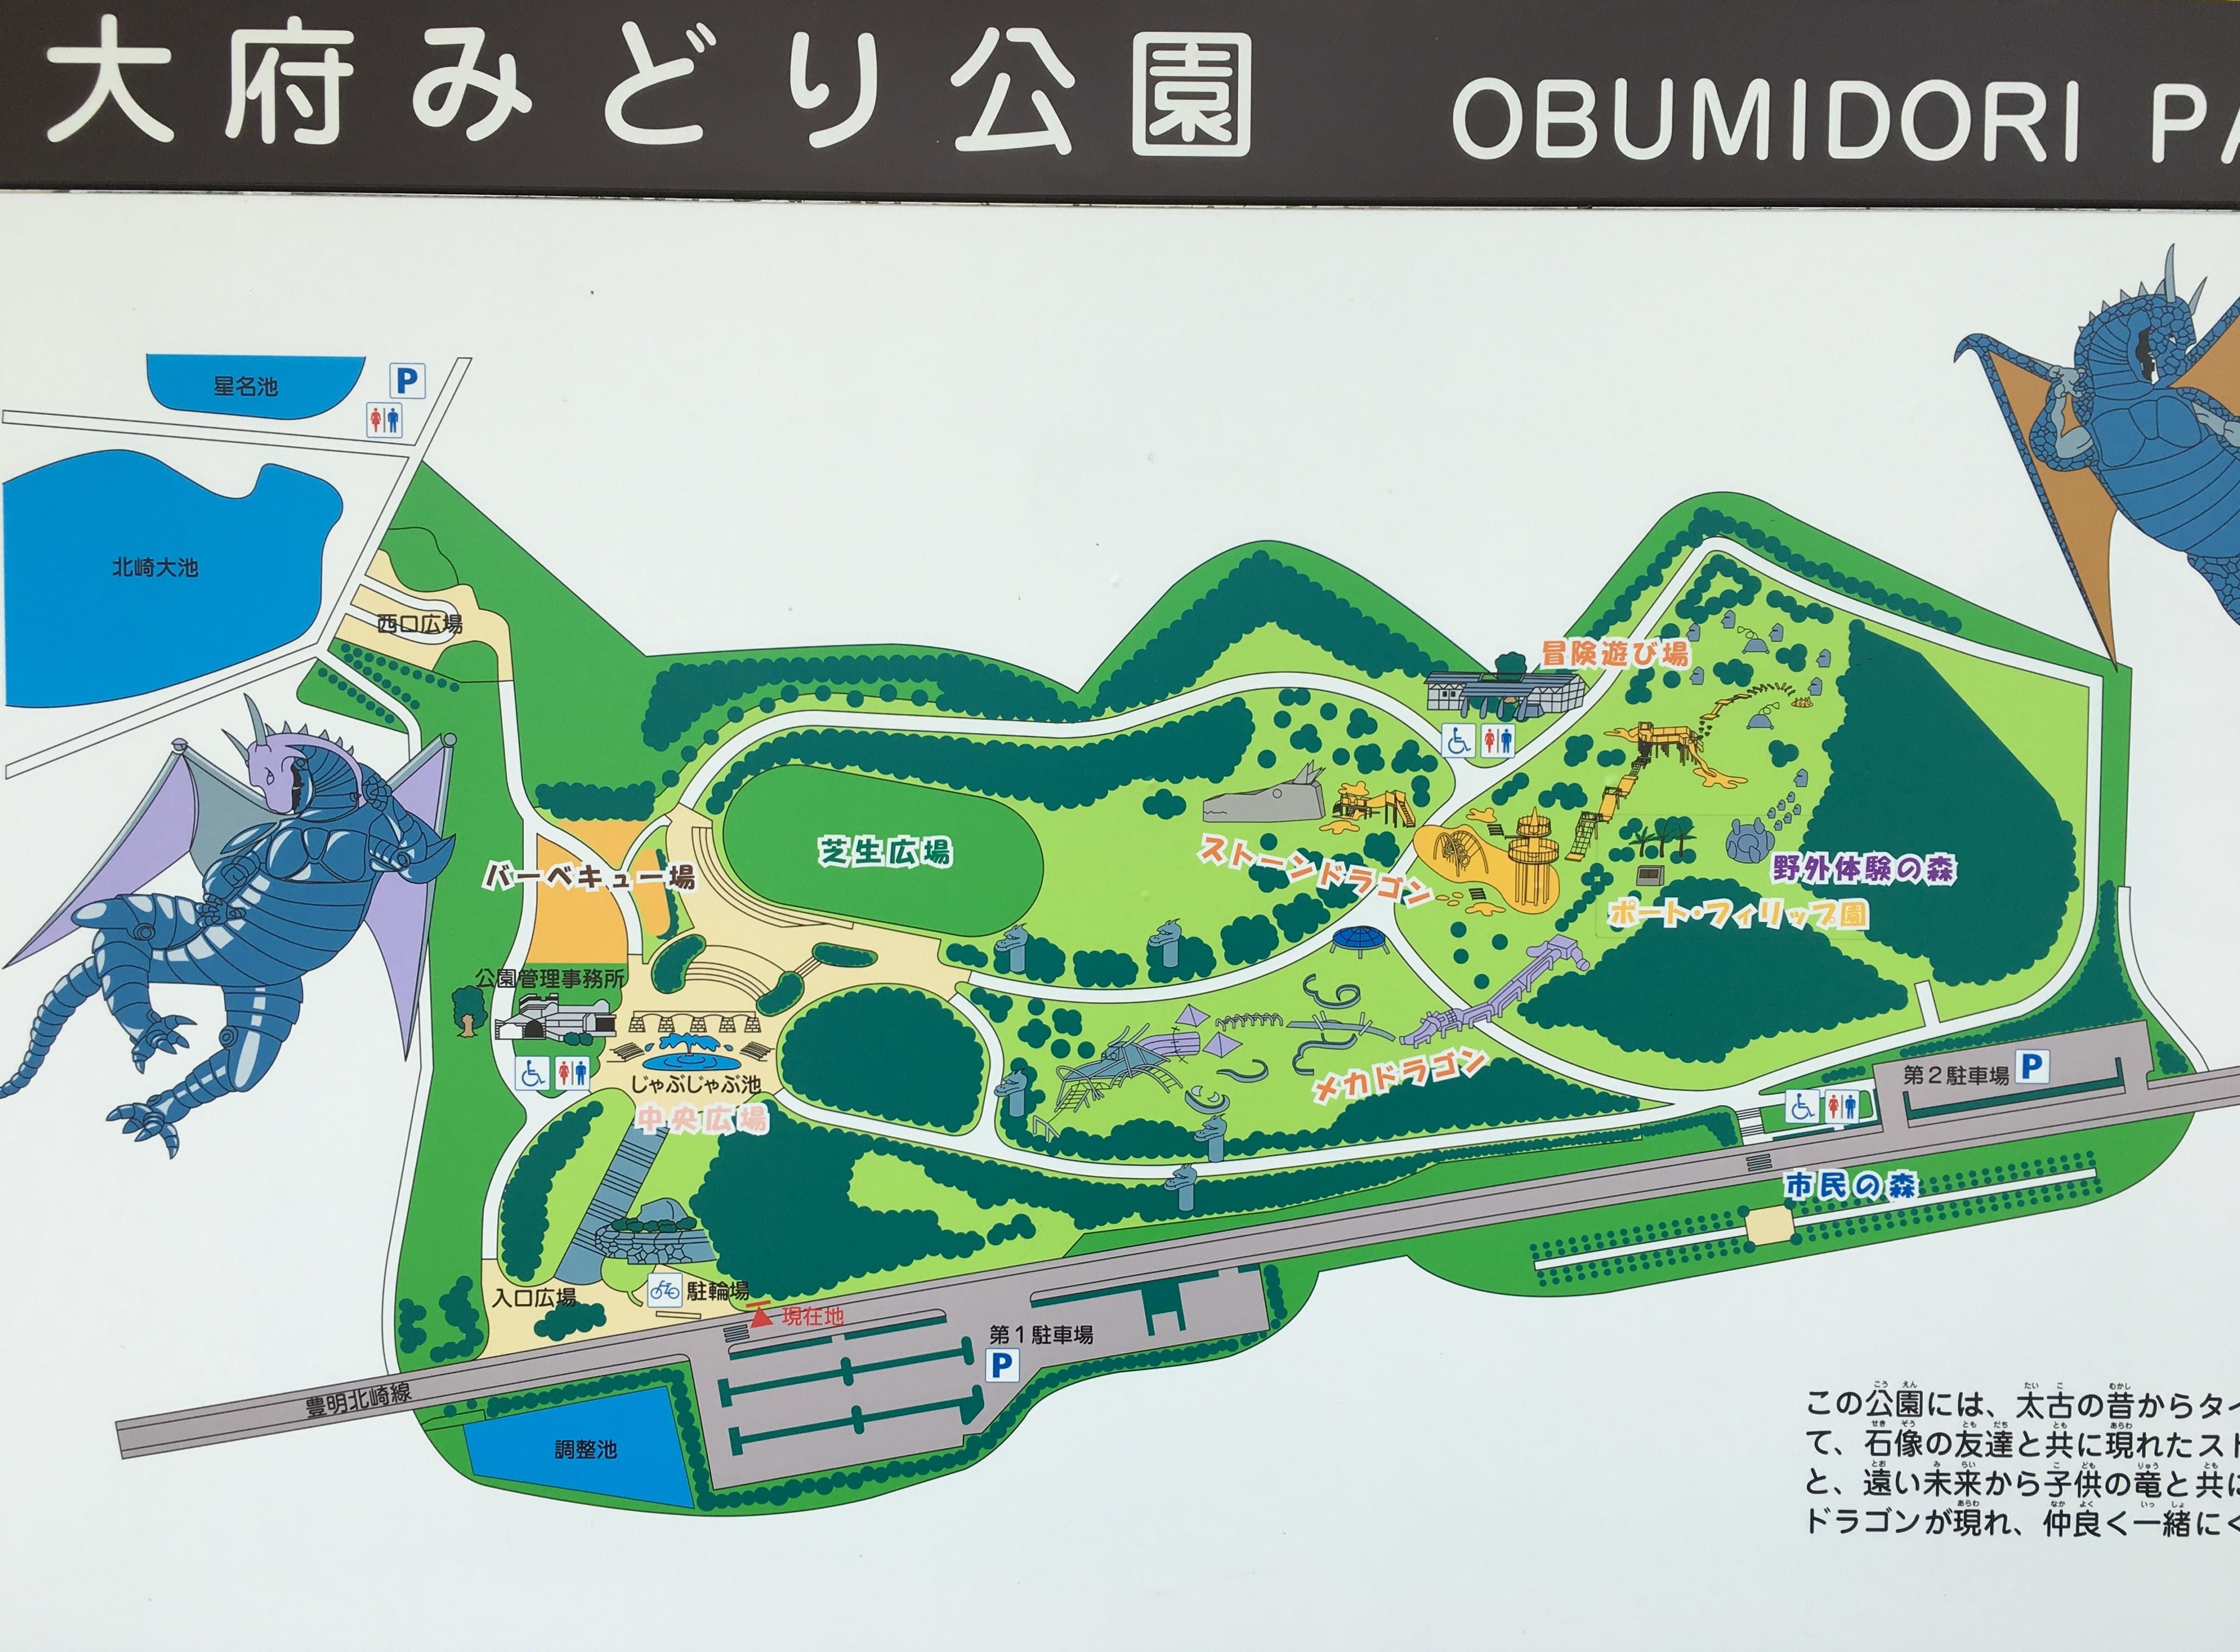 oobumidoripark-mizuasobi